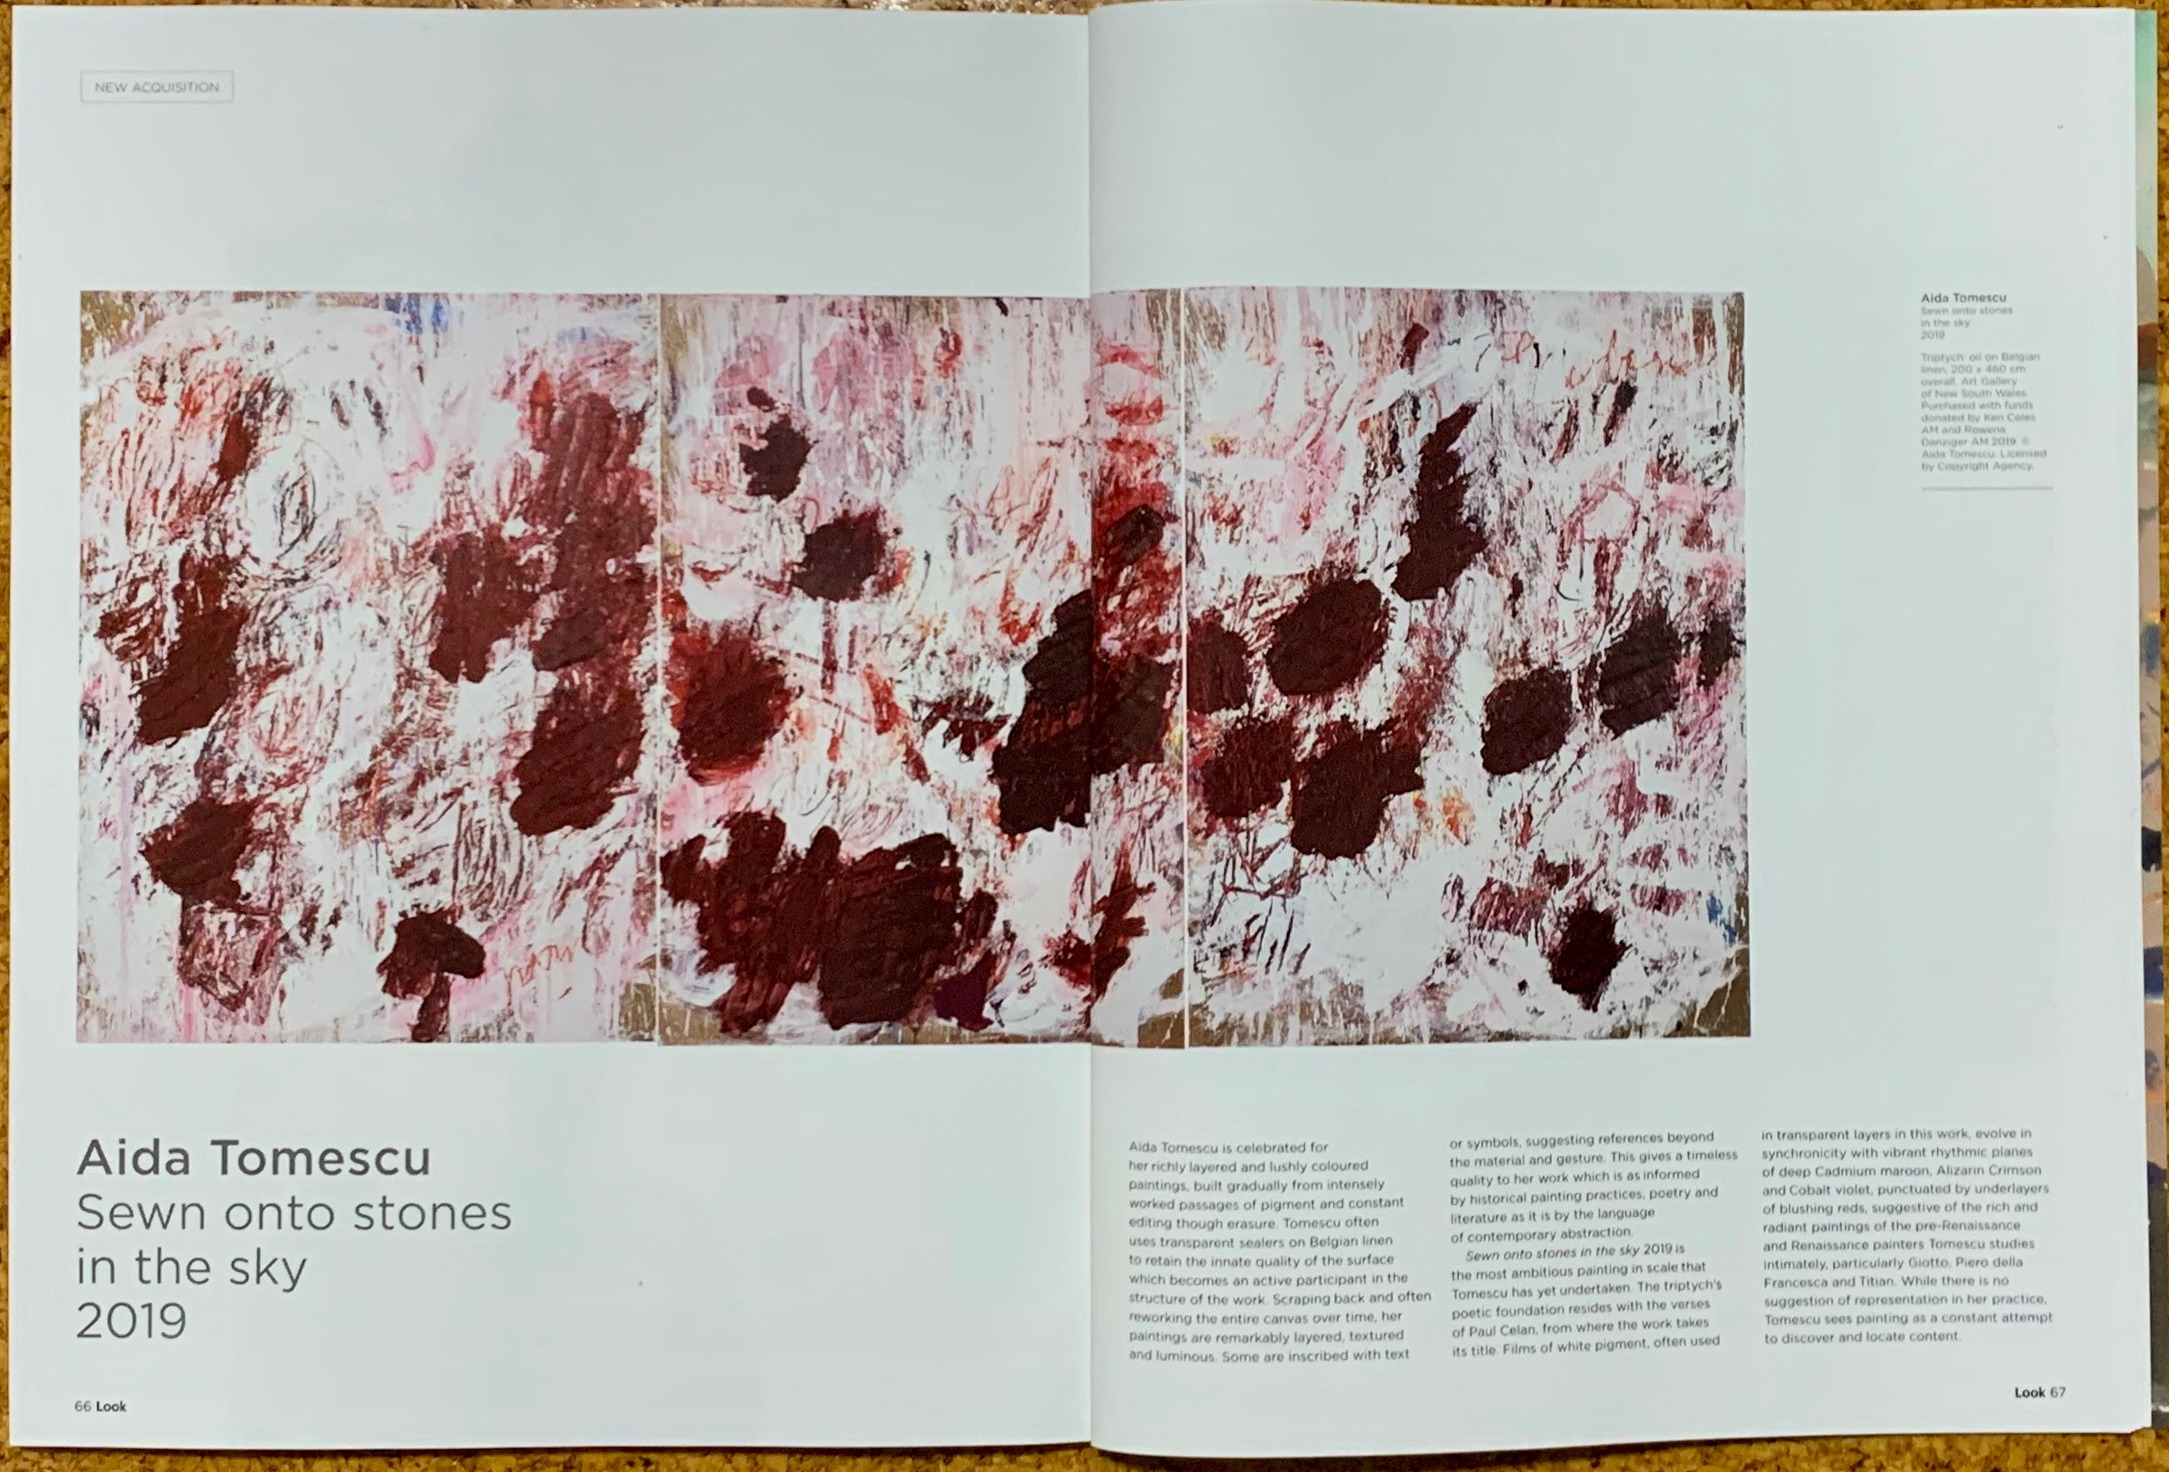 Aida-Tomescu-Look-Magazine-July-2020